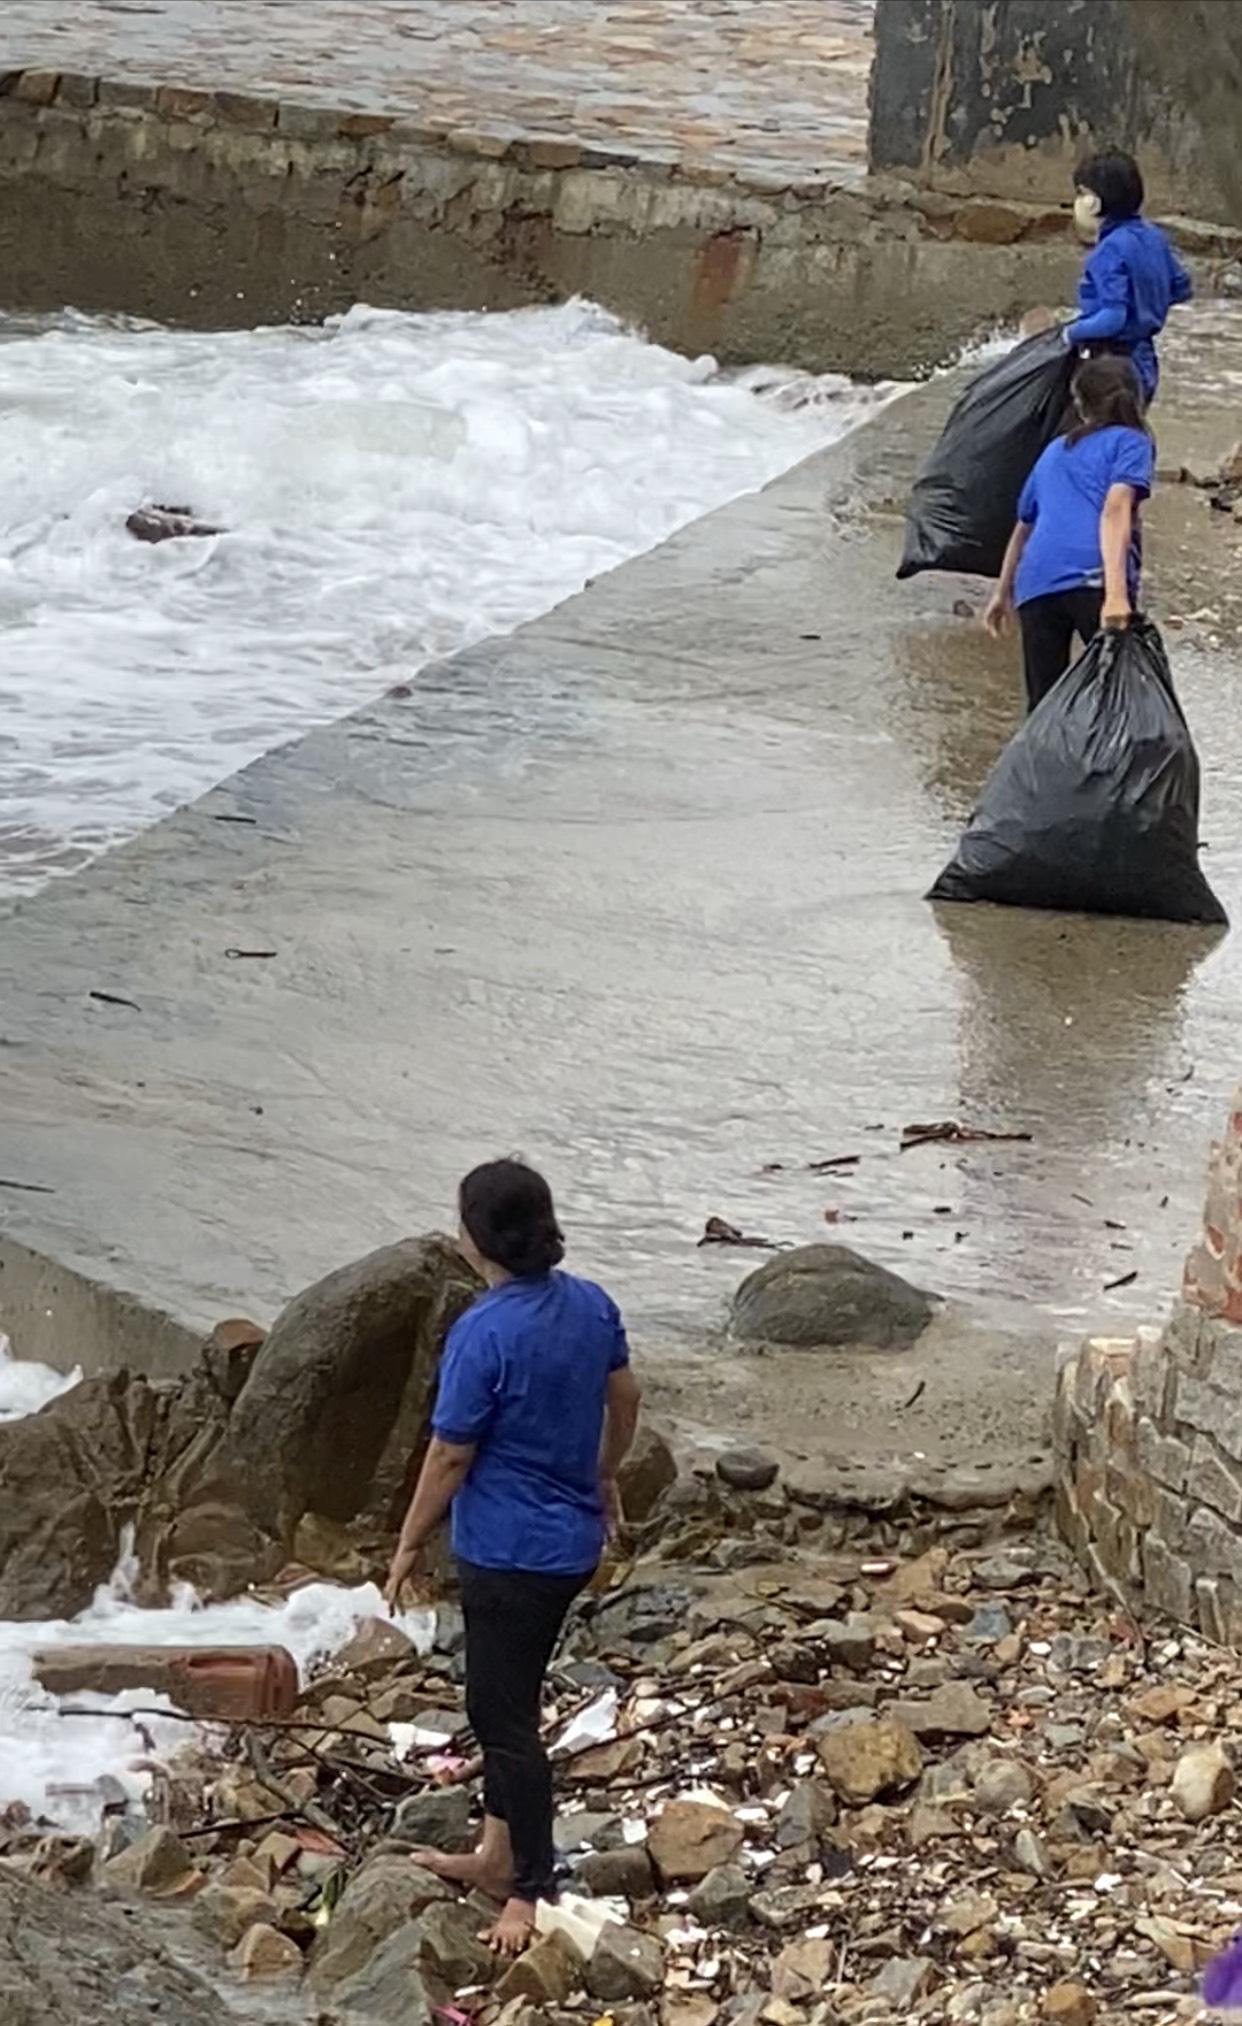 Phẫn nộ vì nhân viên quán cà phê vứt hàng chục bao tải rác xuống biển Vũng Tàu - Ảnh 1.